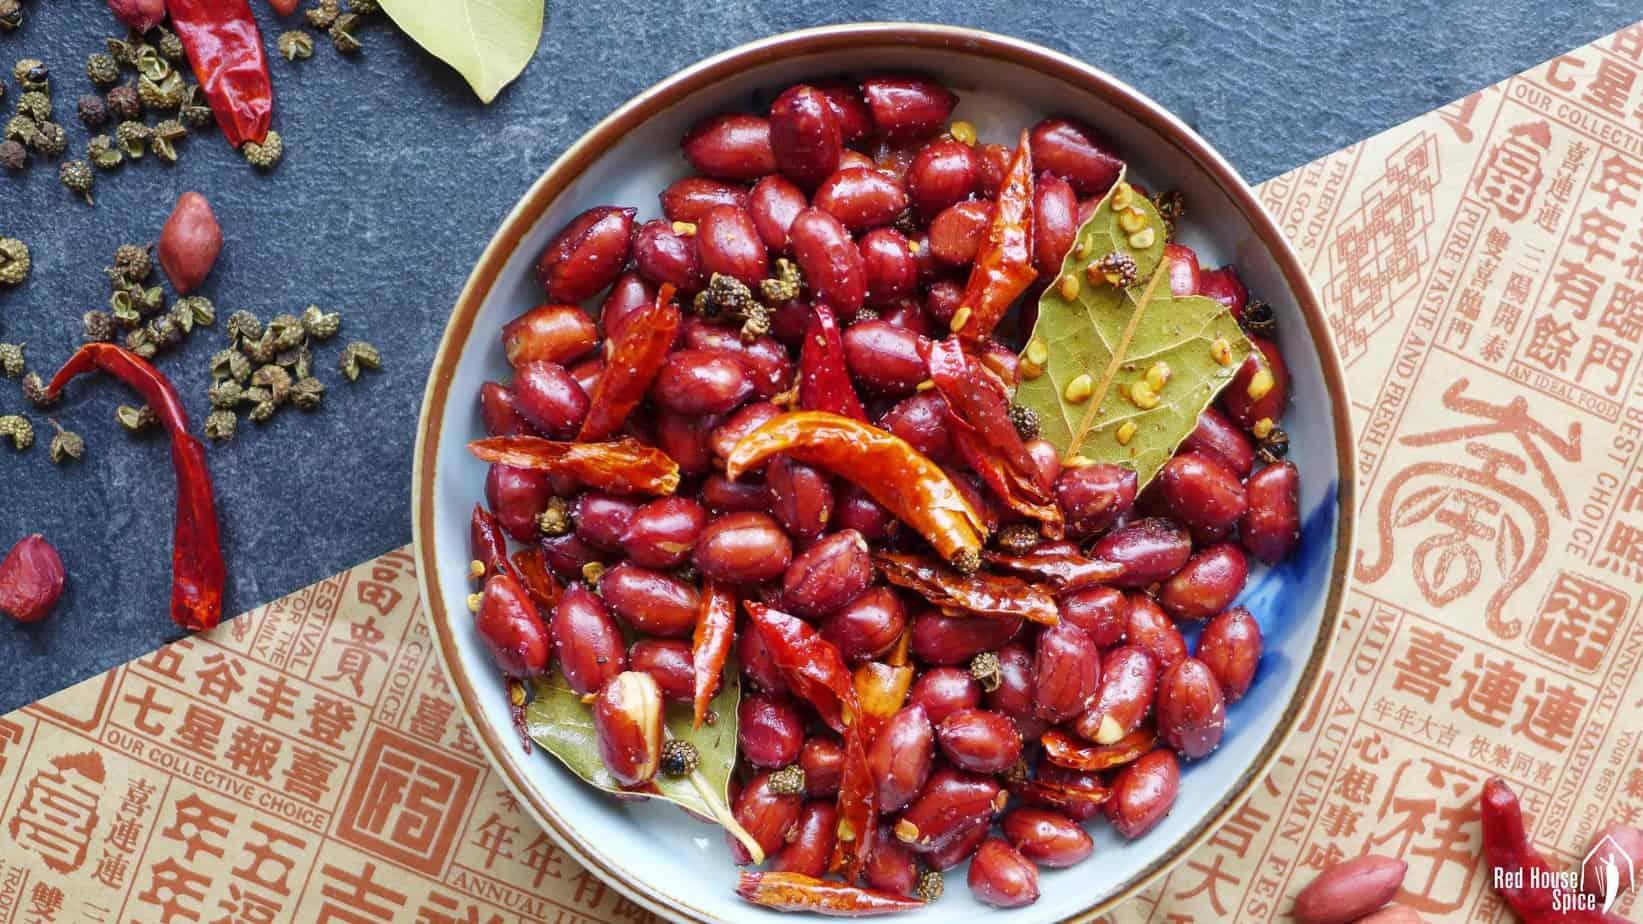 Sichuan spicy peanuts (Mala peanuts, 麻辣花生)